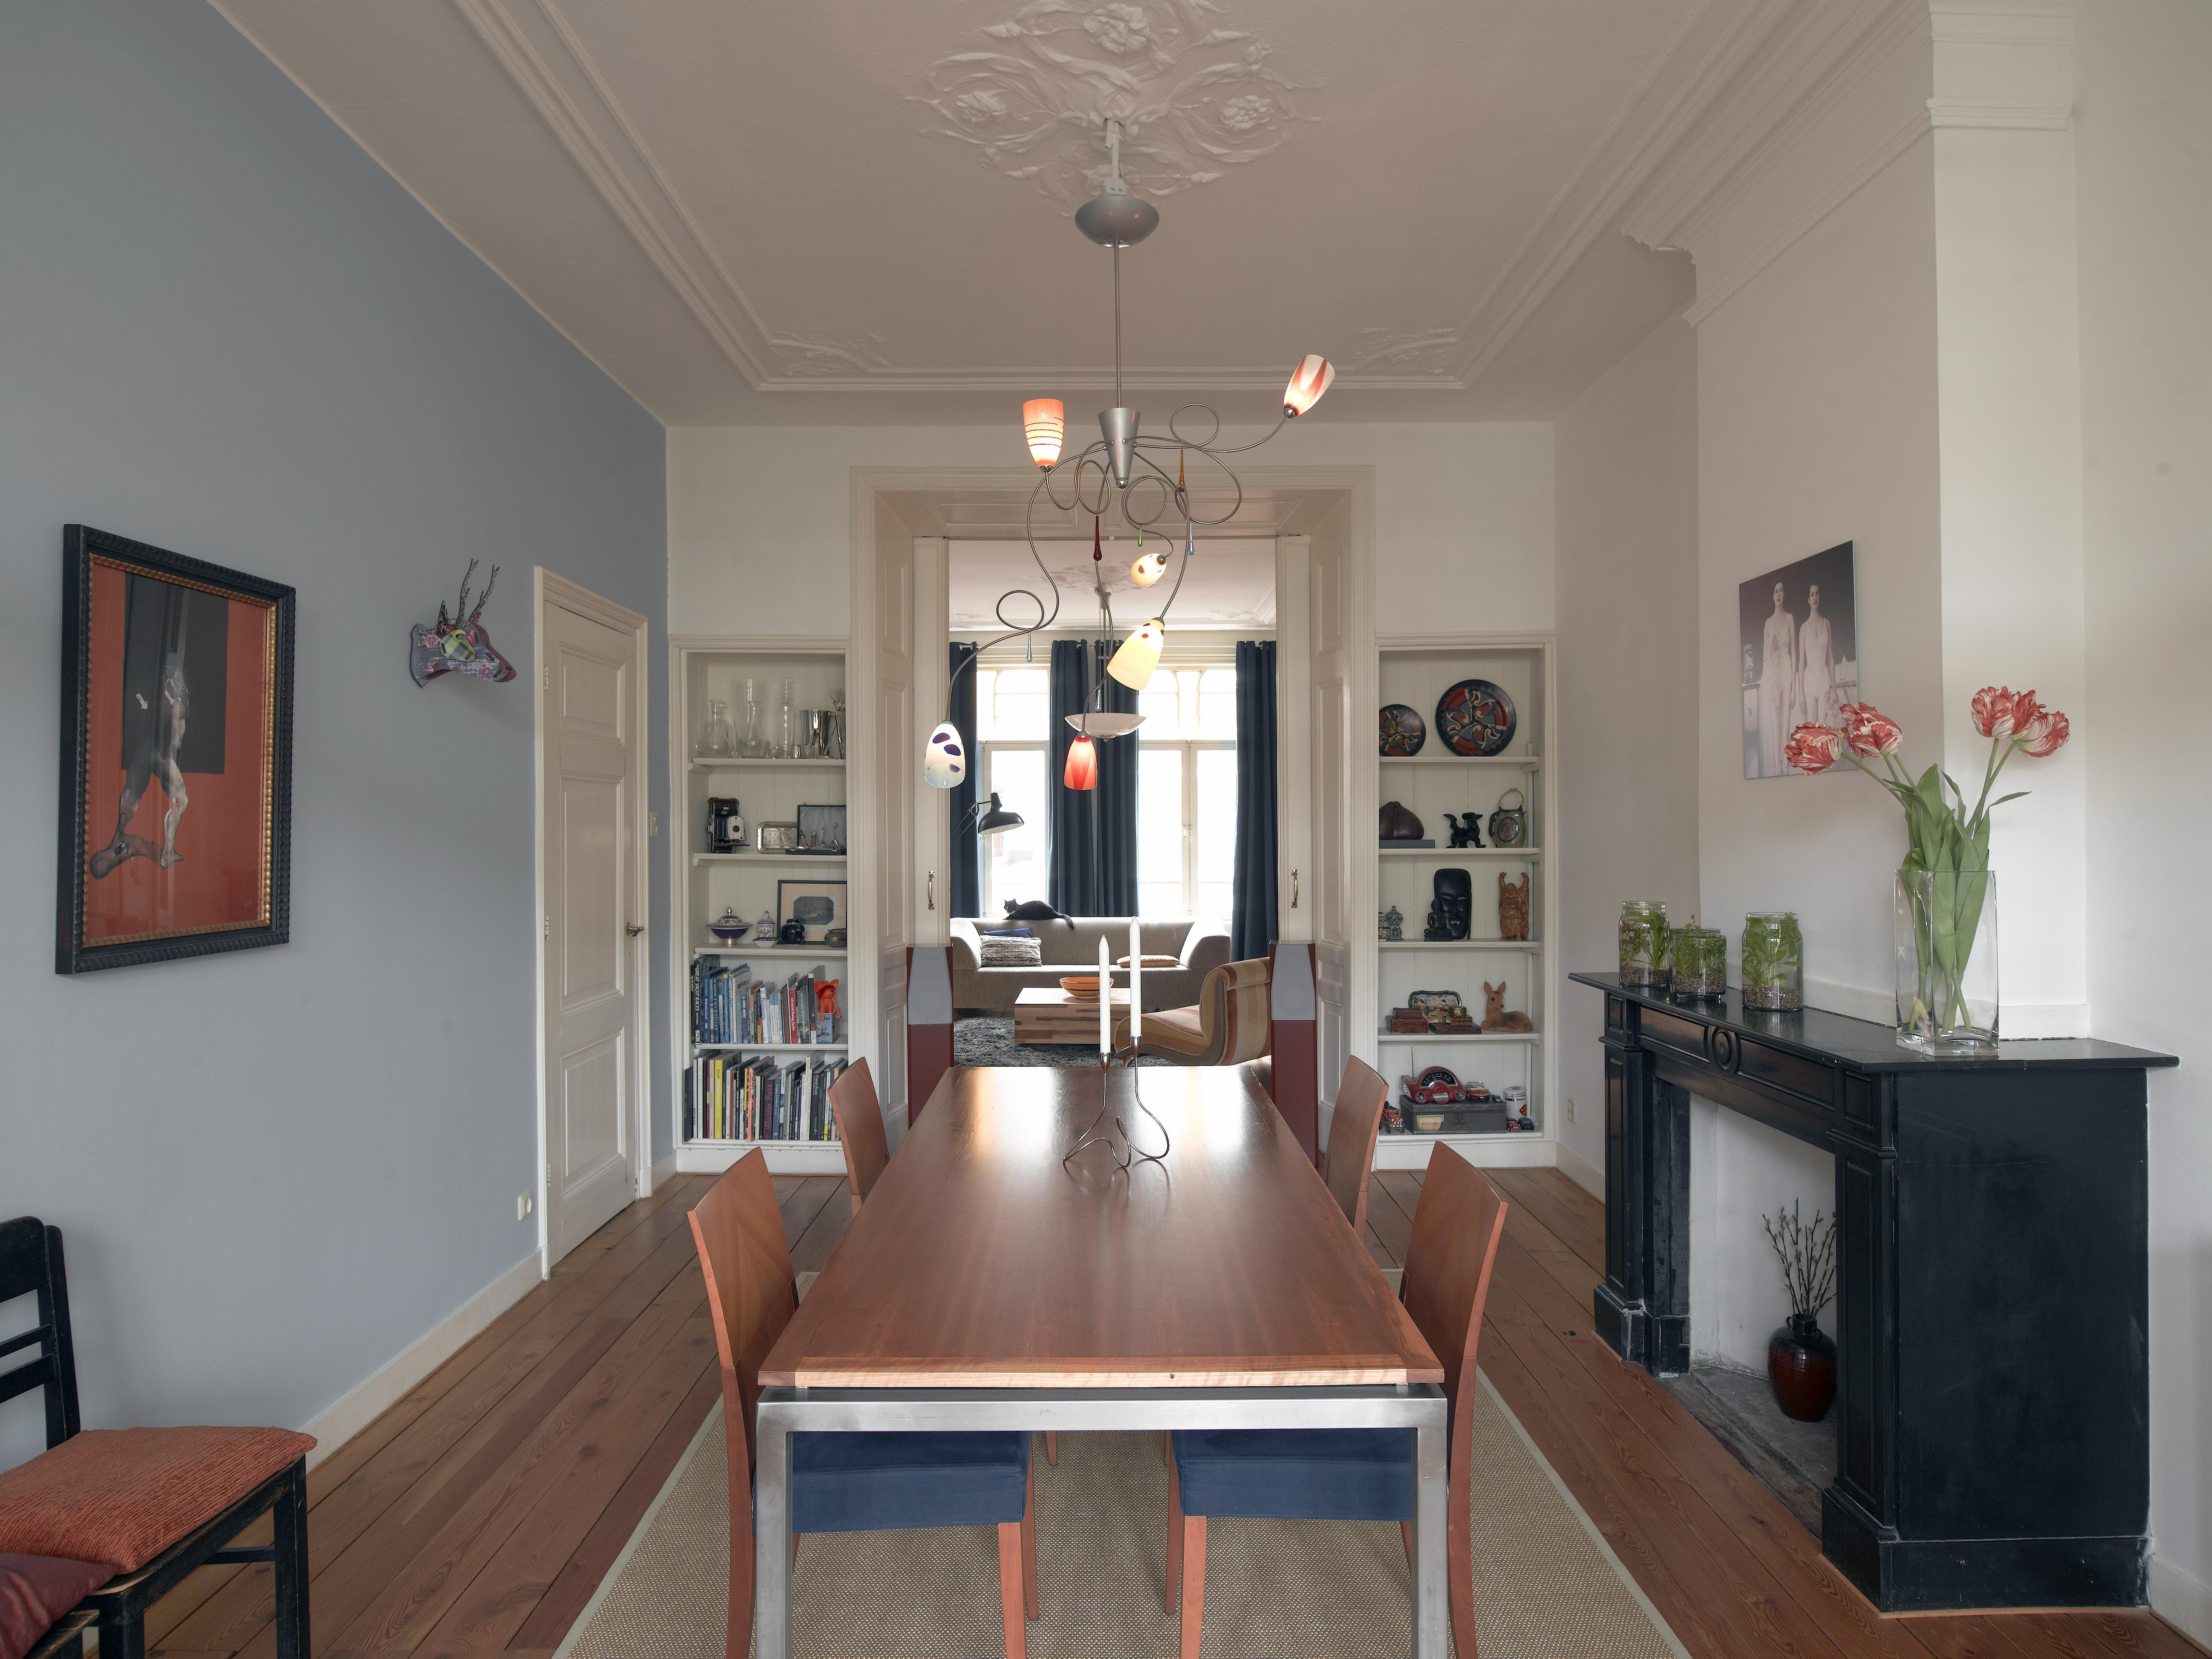 Huisje decoratie klaar d pagina 10 koffiehoekje for Decoratie eetkamer